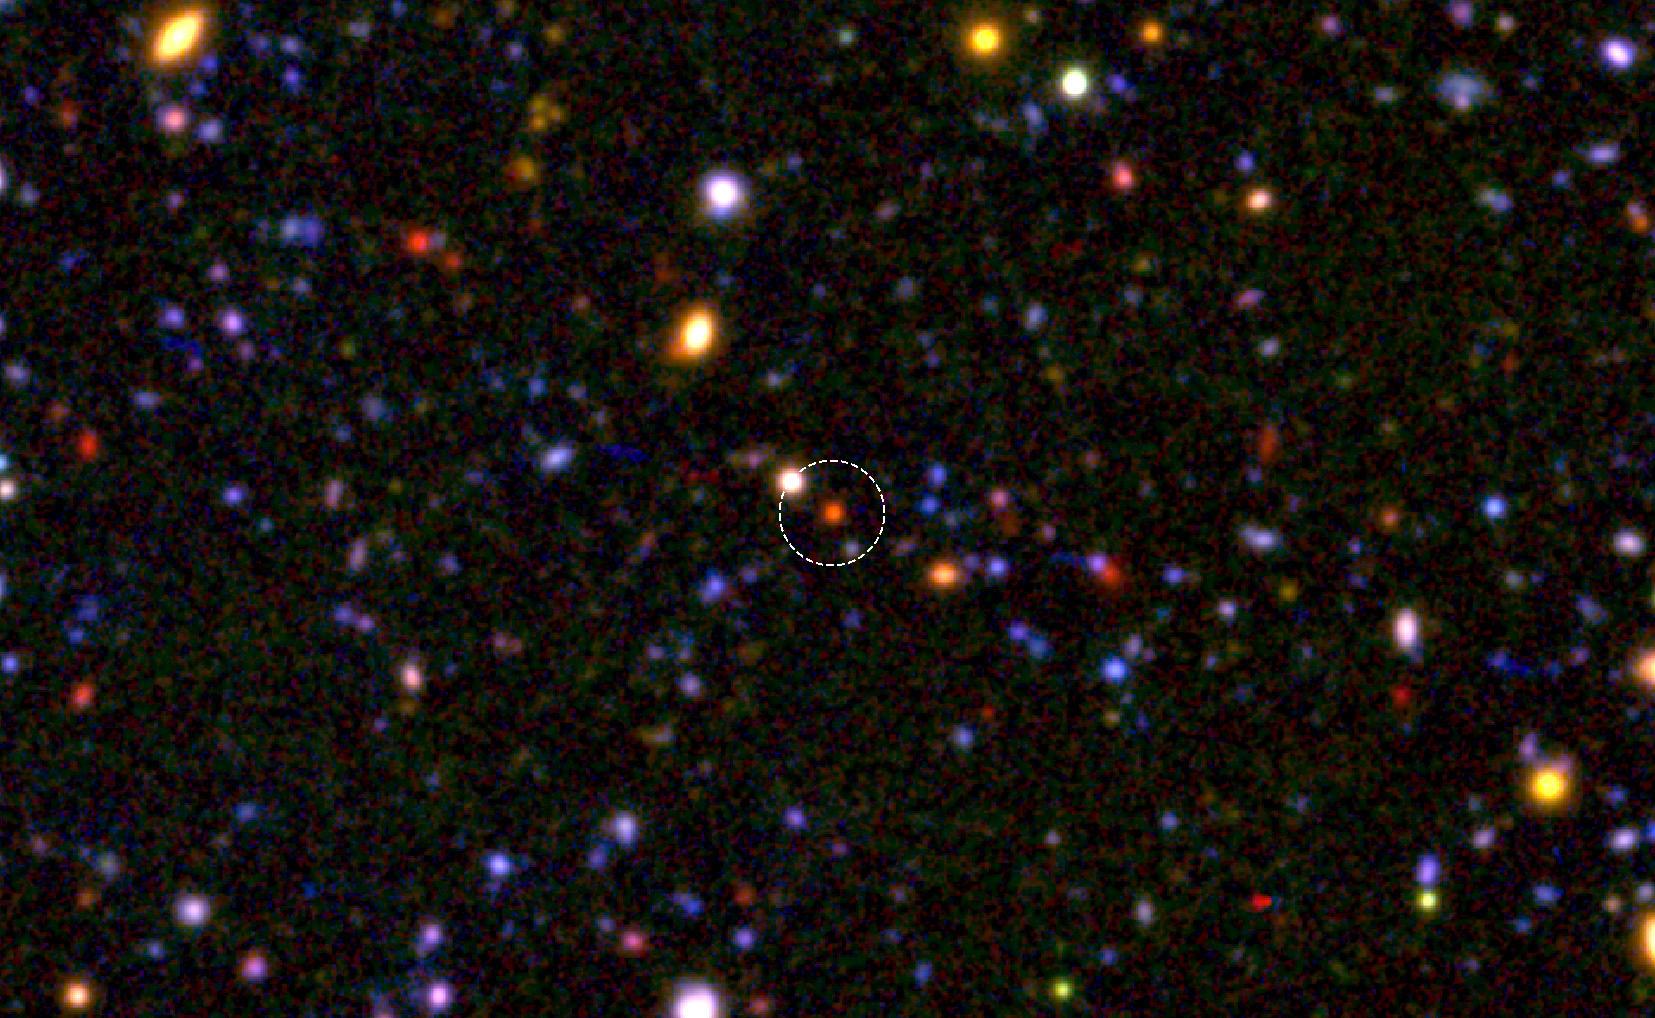 巨大銀河の核は 120 億年前にはすでにできていた 図